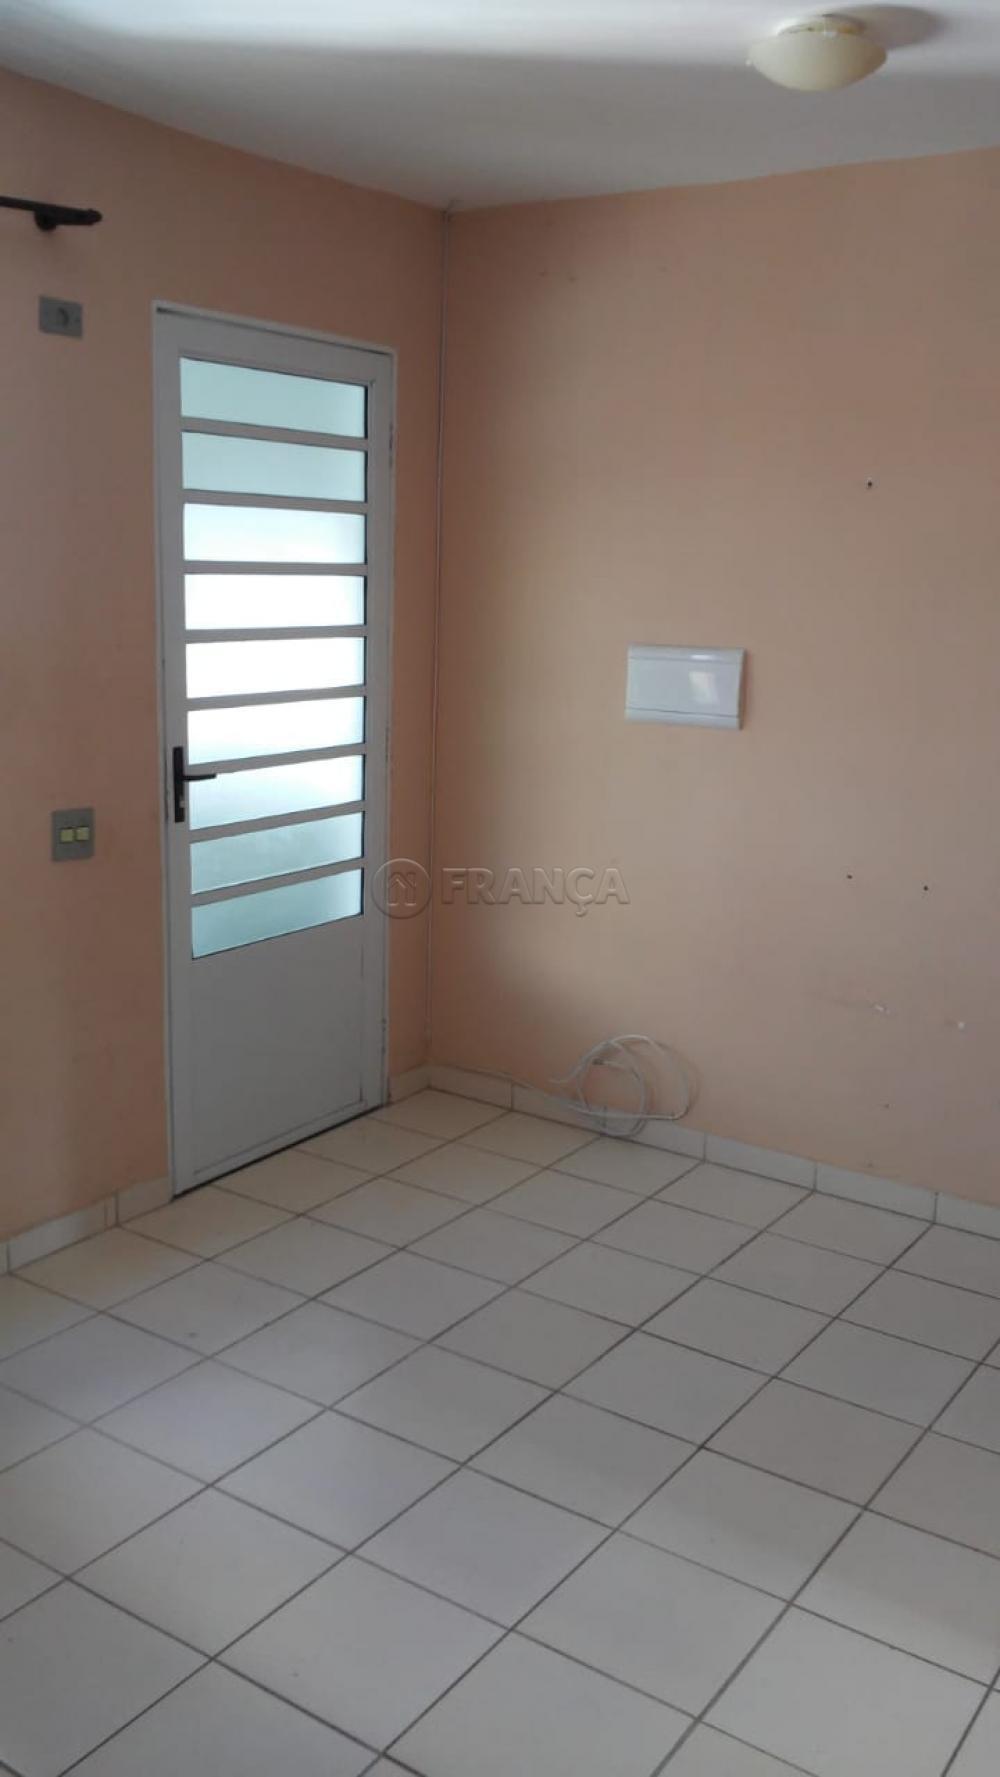 Comprar Apartamento / Padrão em São José dos Campos apenas R$ 118.000,00 - Foto 3